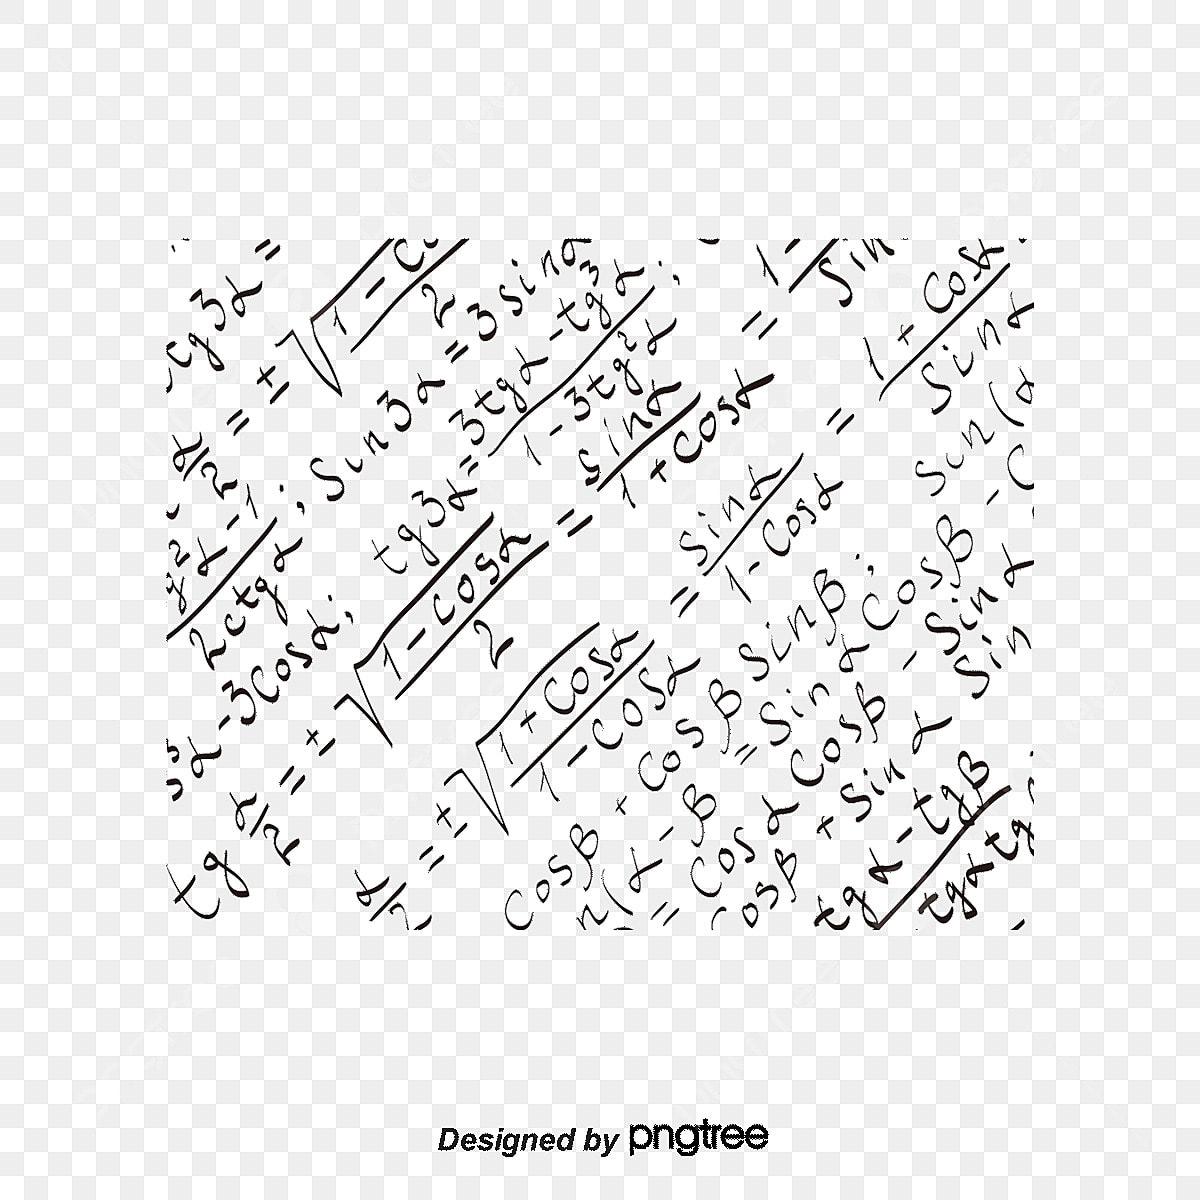 方程式の元素の遮光模様背景ベクトル図 方程式 公式 数学画像素材の